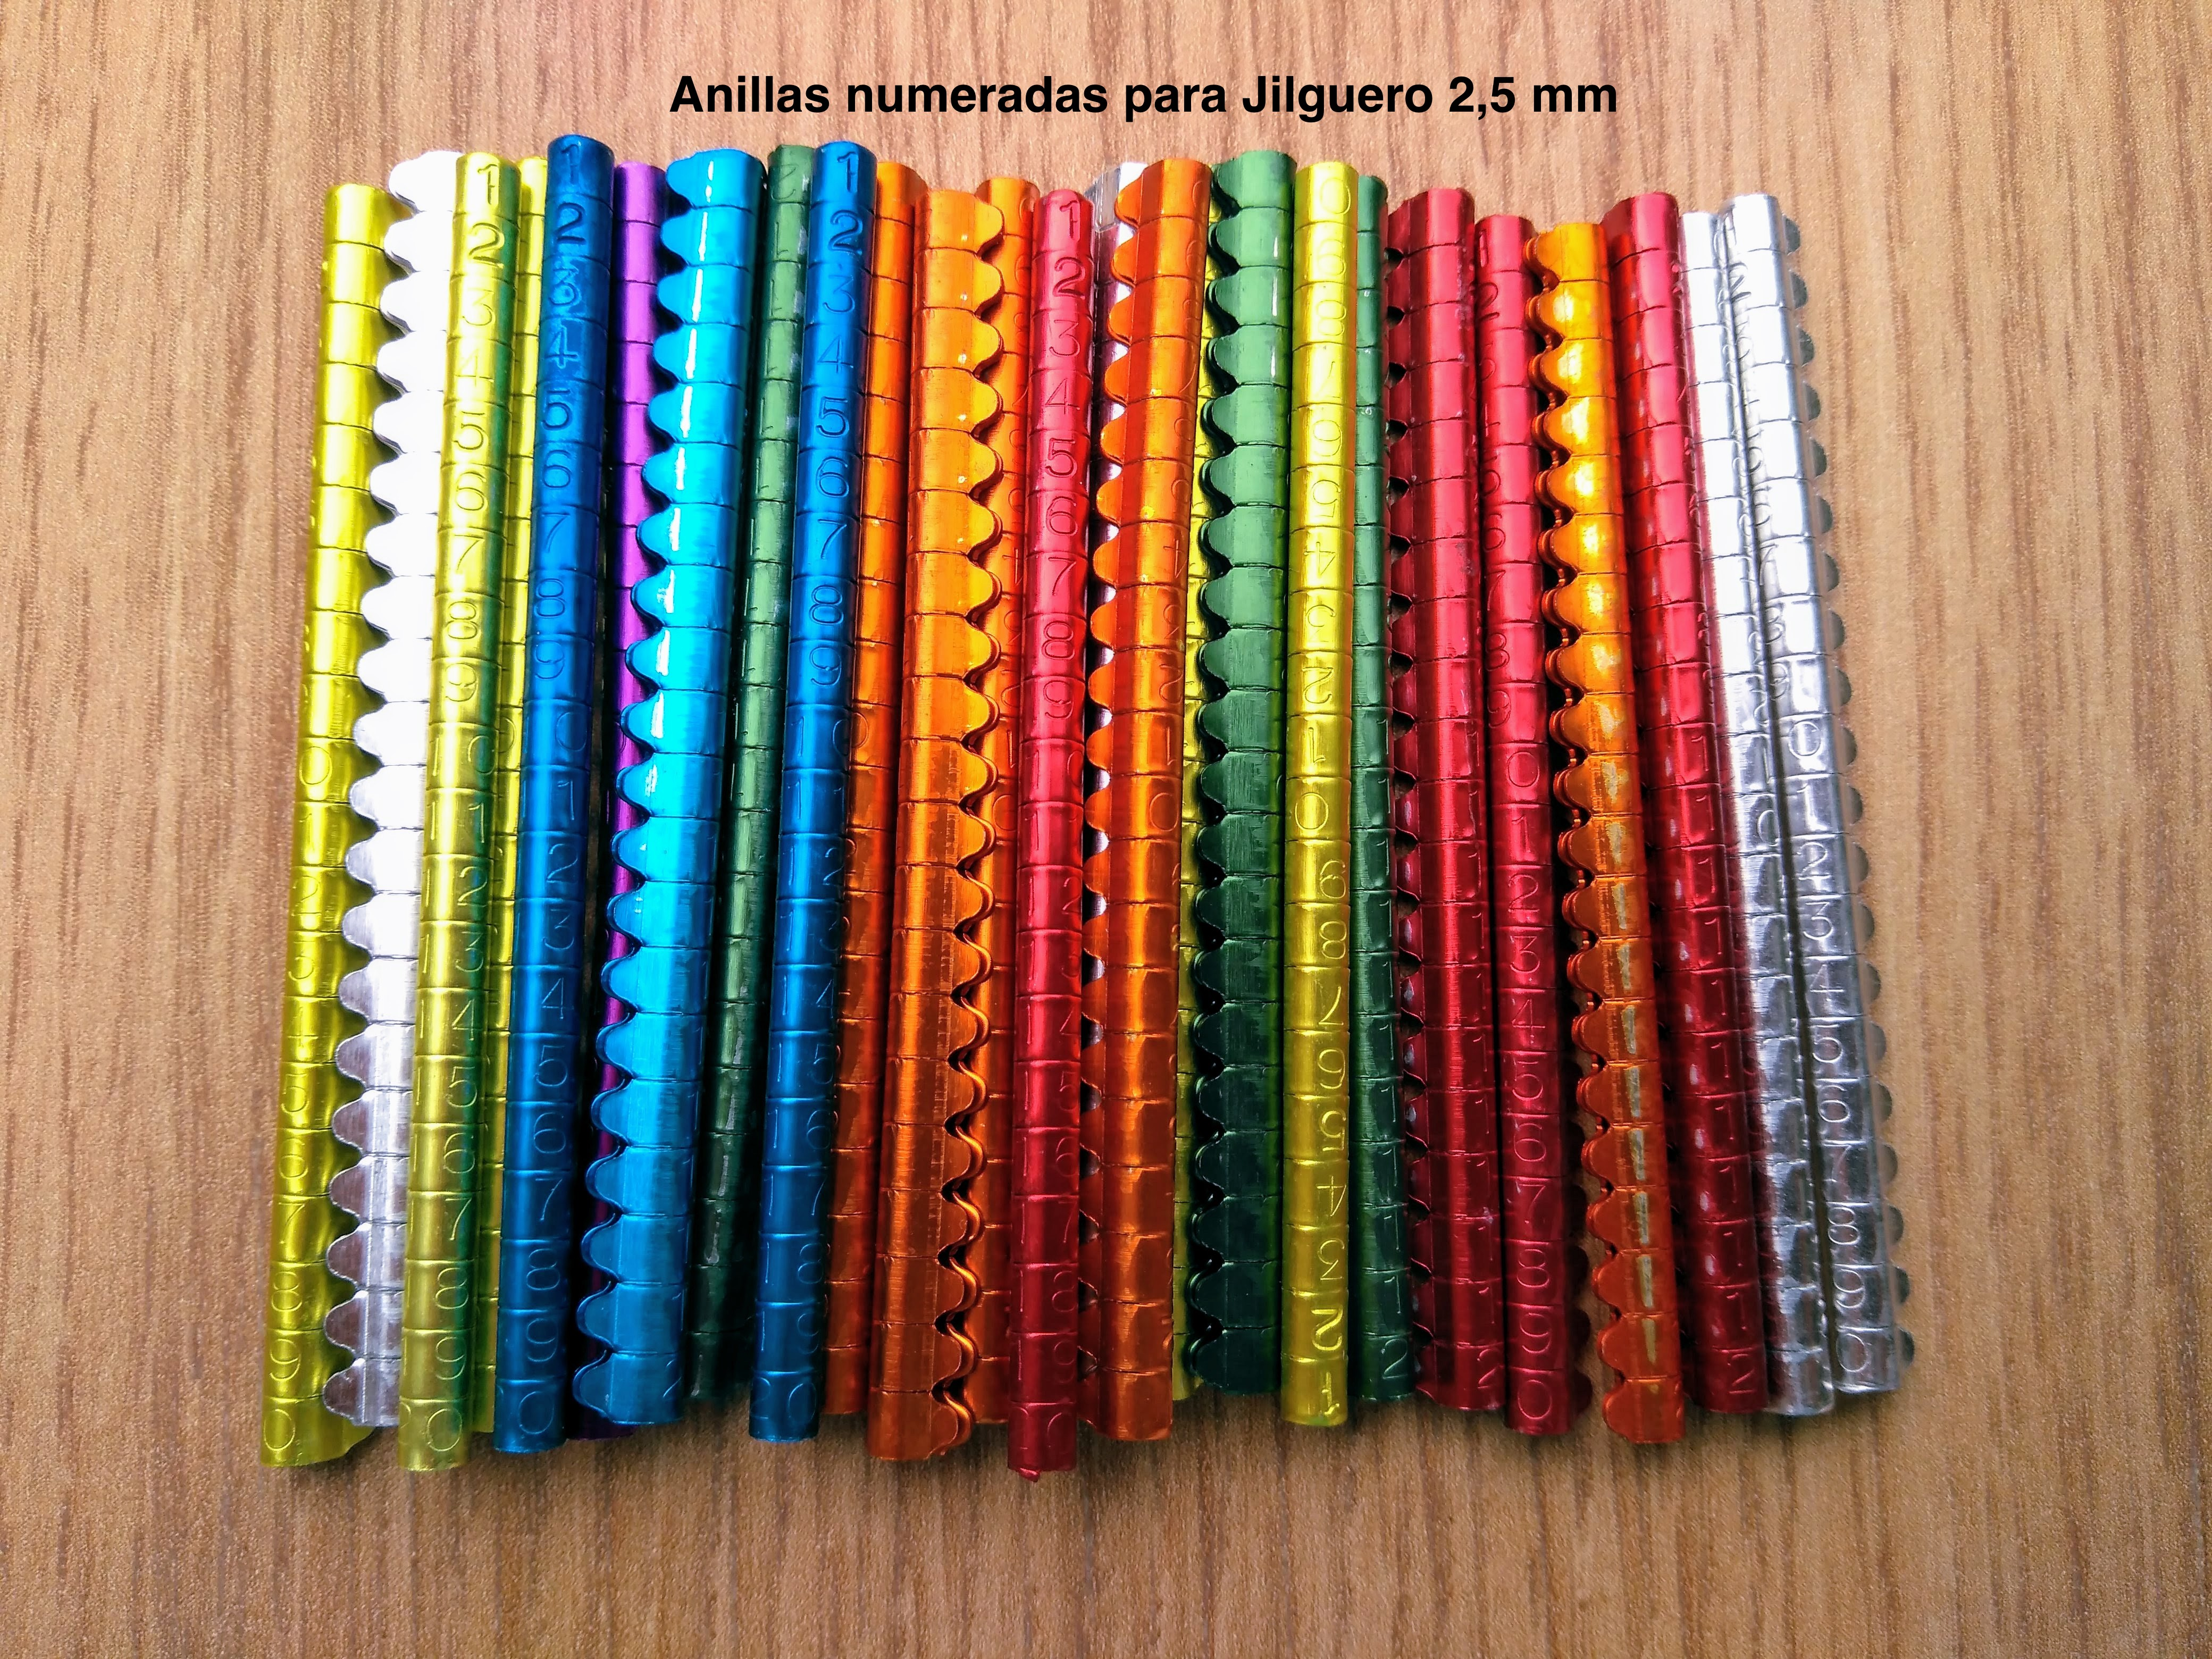 2,5 mm jilguero